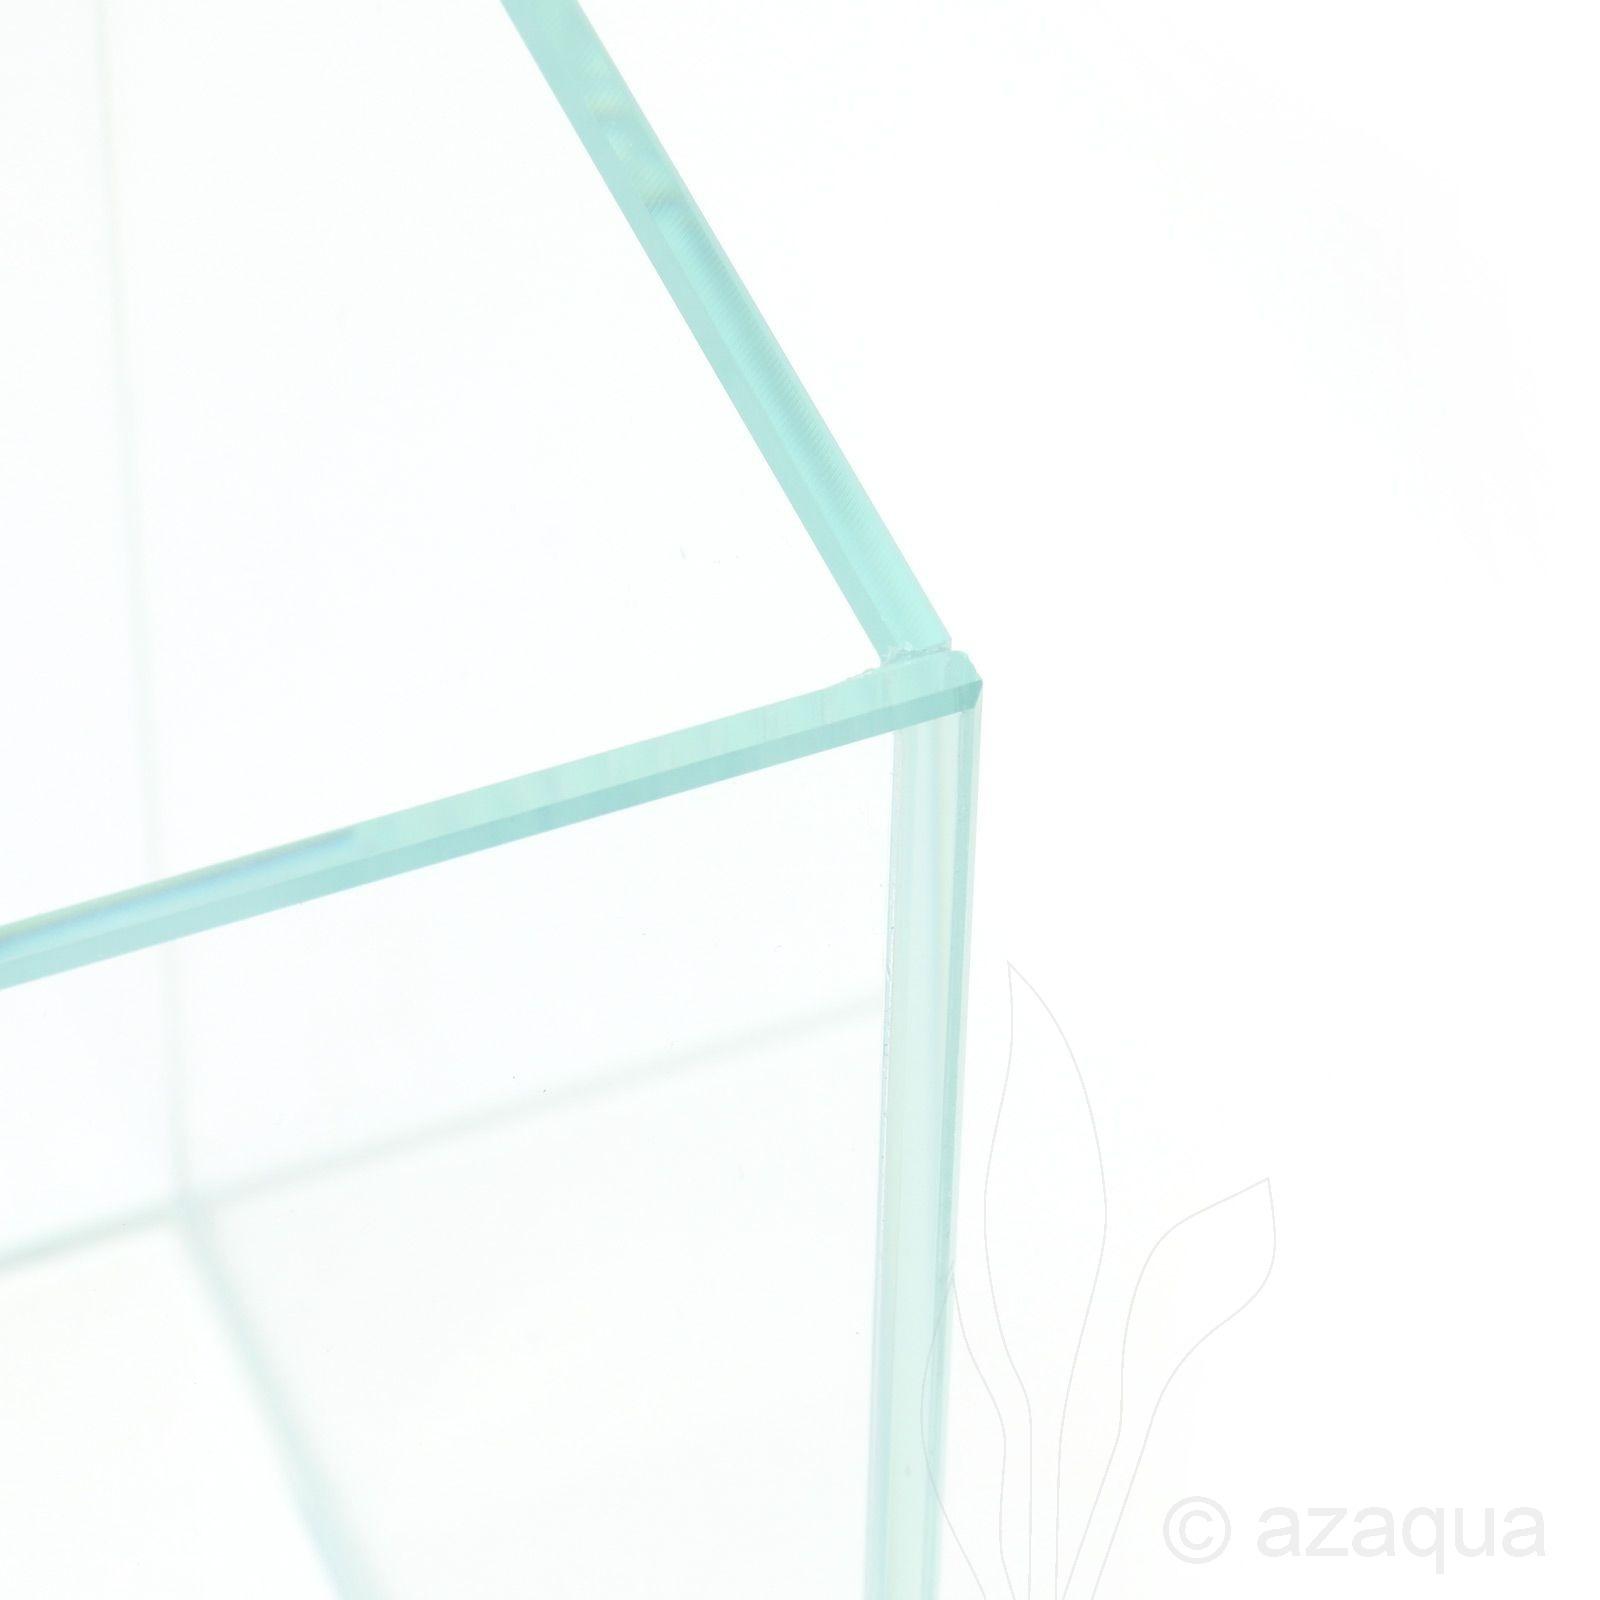 Aquarium Optic White (30x18x24)